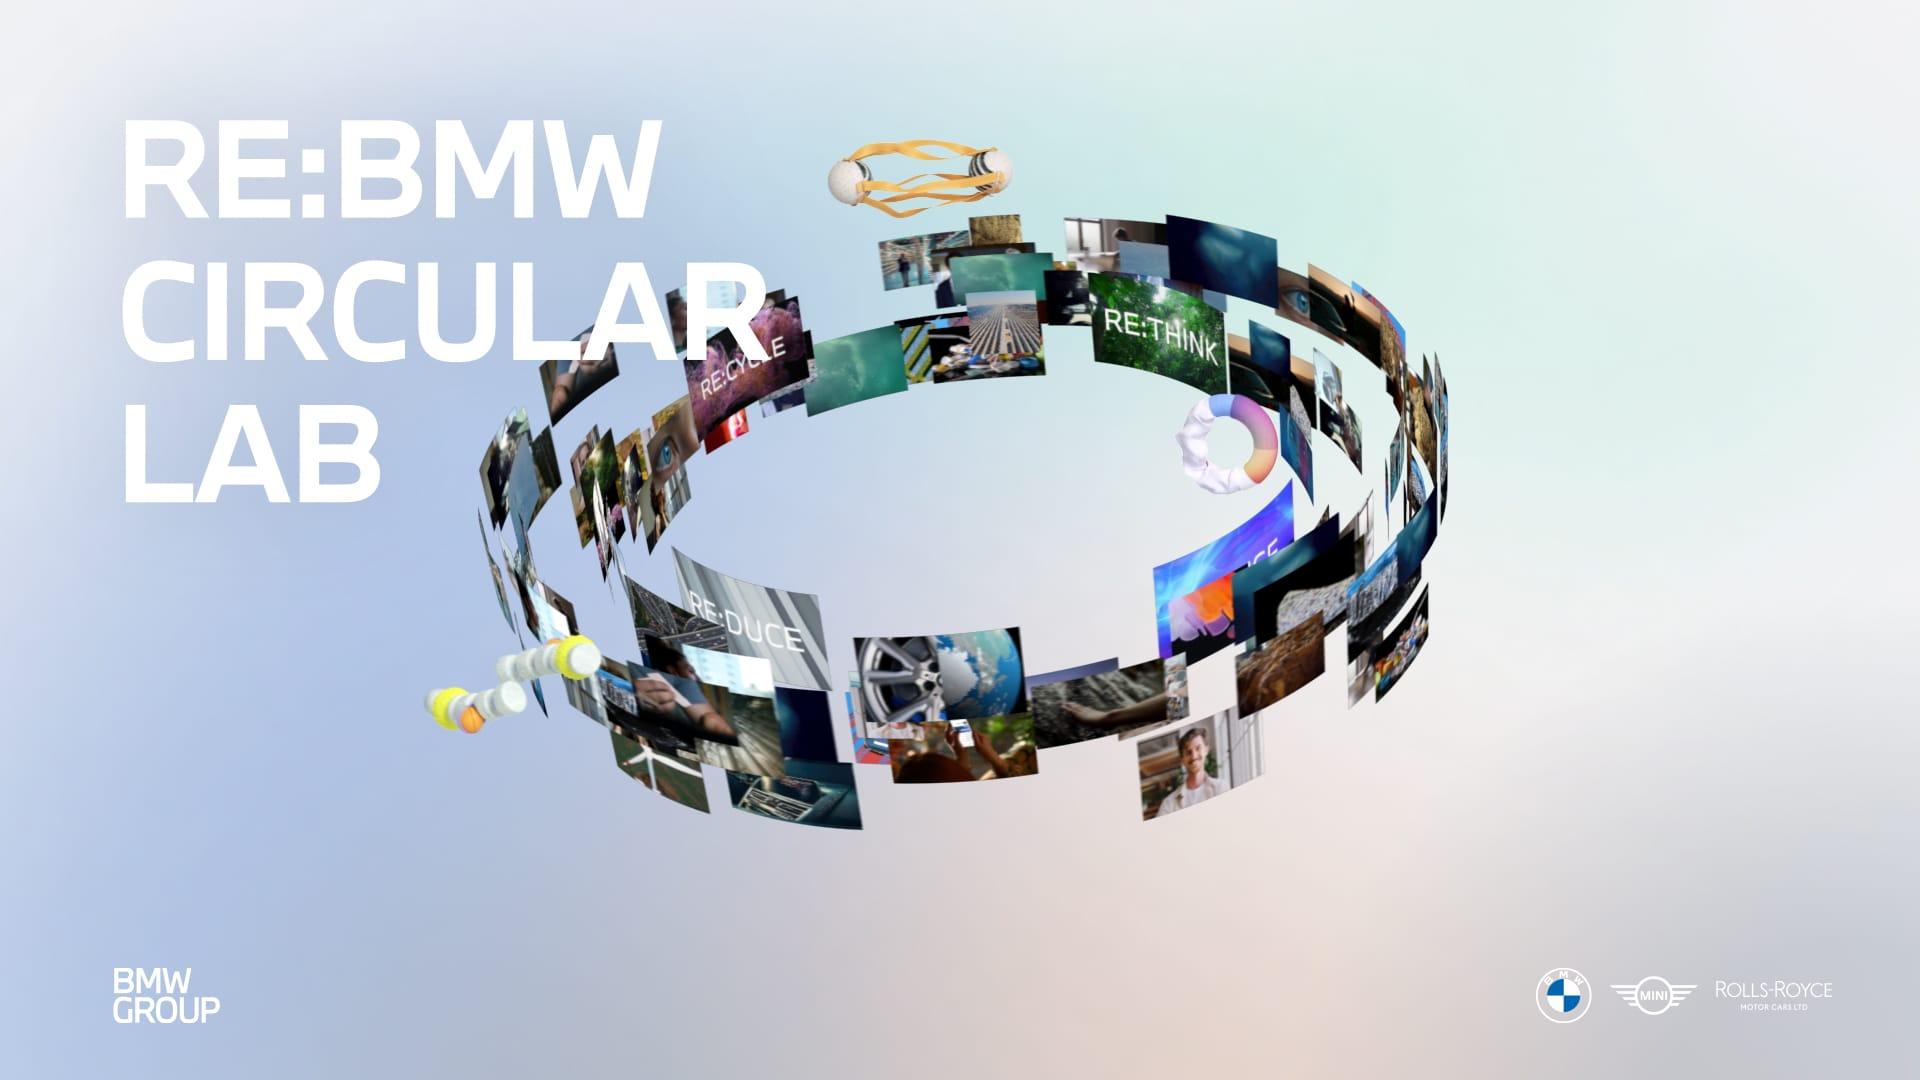 RE:BMW Circular Lab